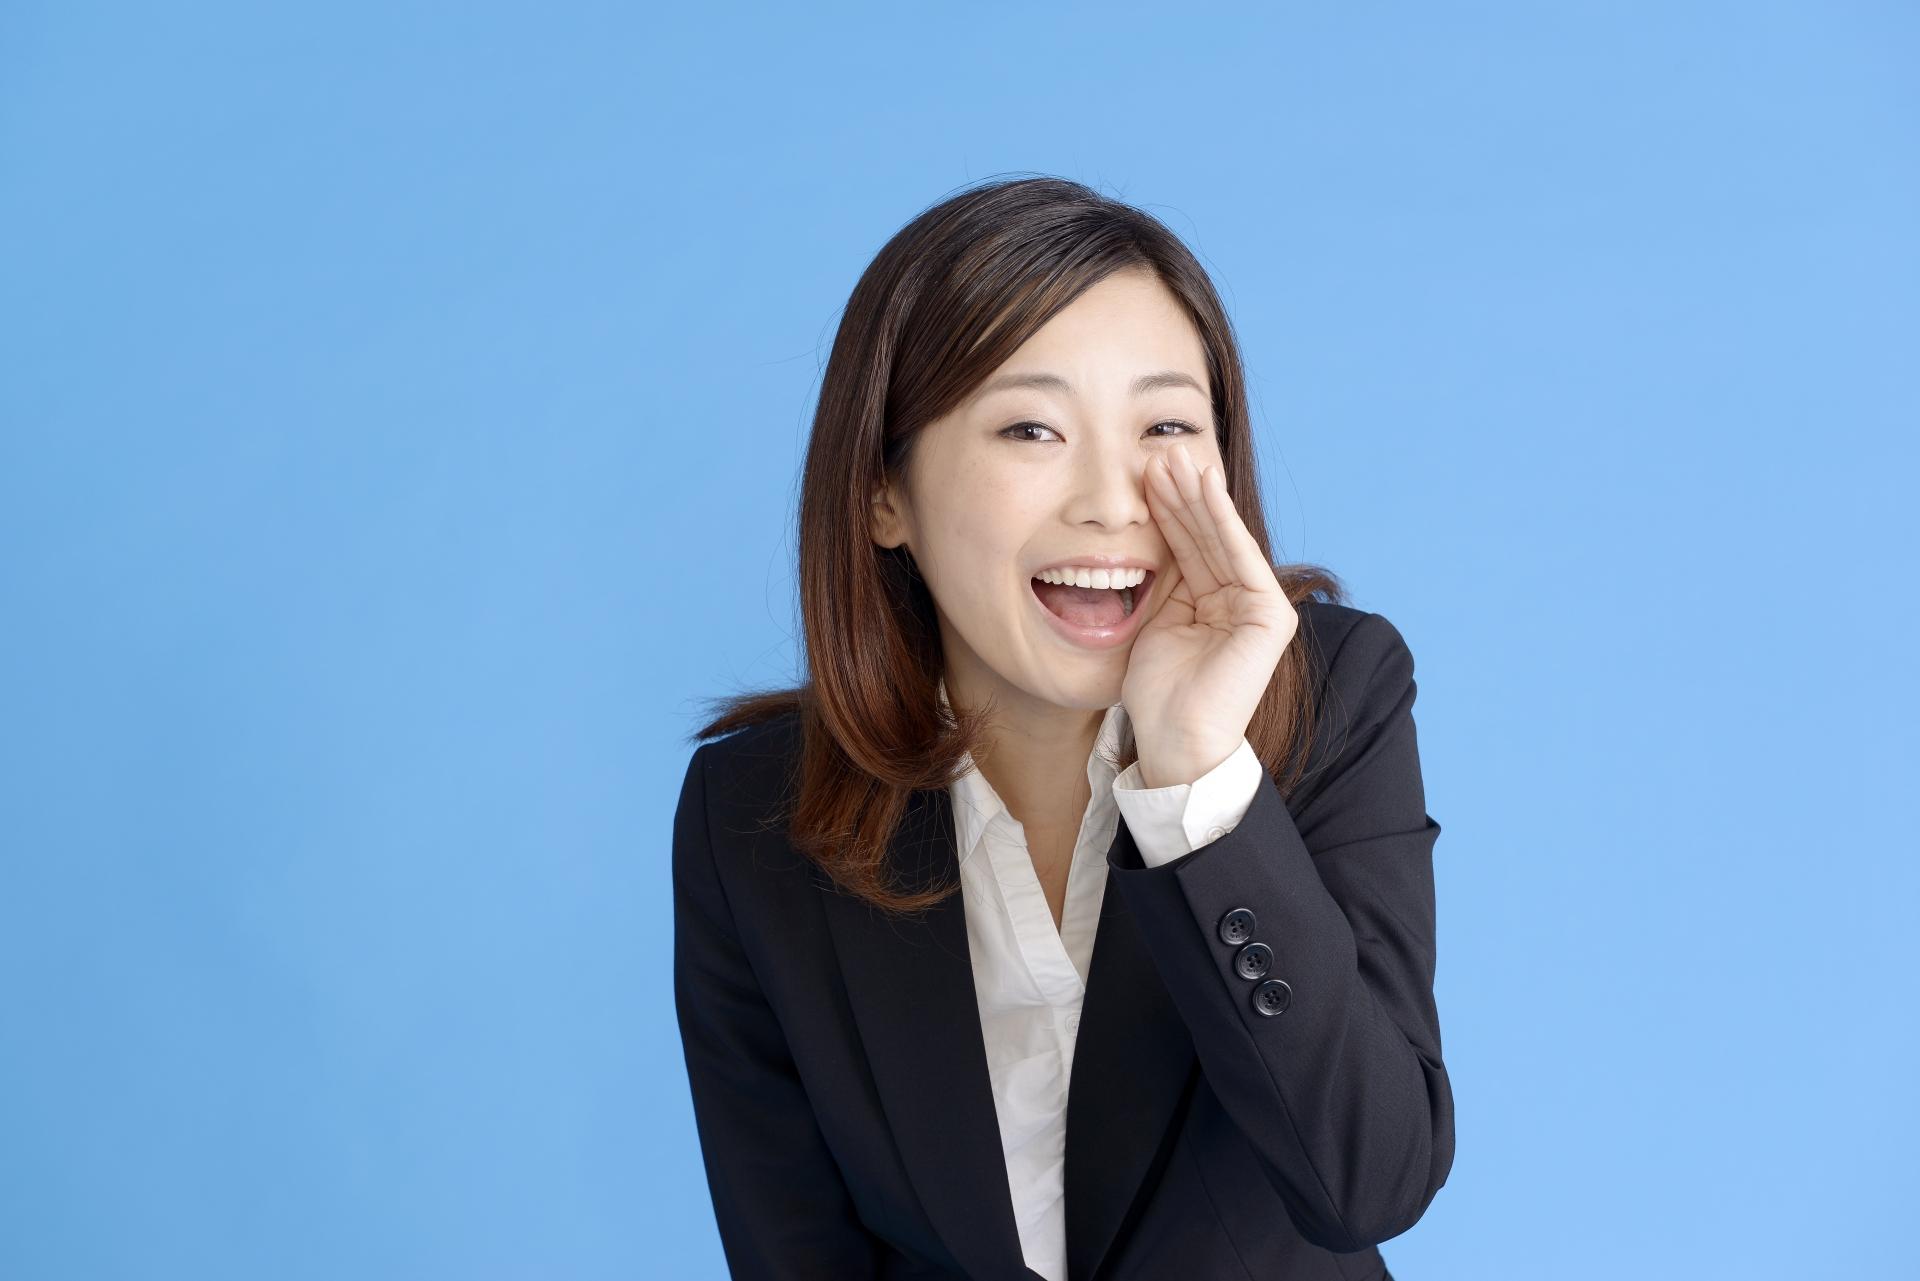 癒し系女性は声に特徴がある?男性が癒しを感じる女性の声とは